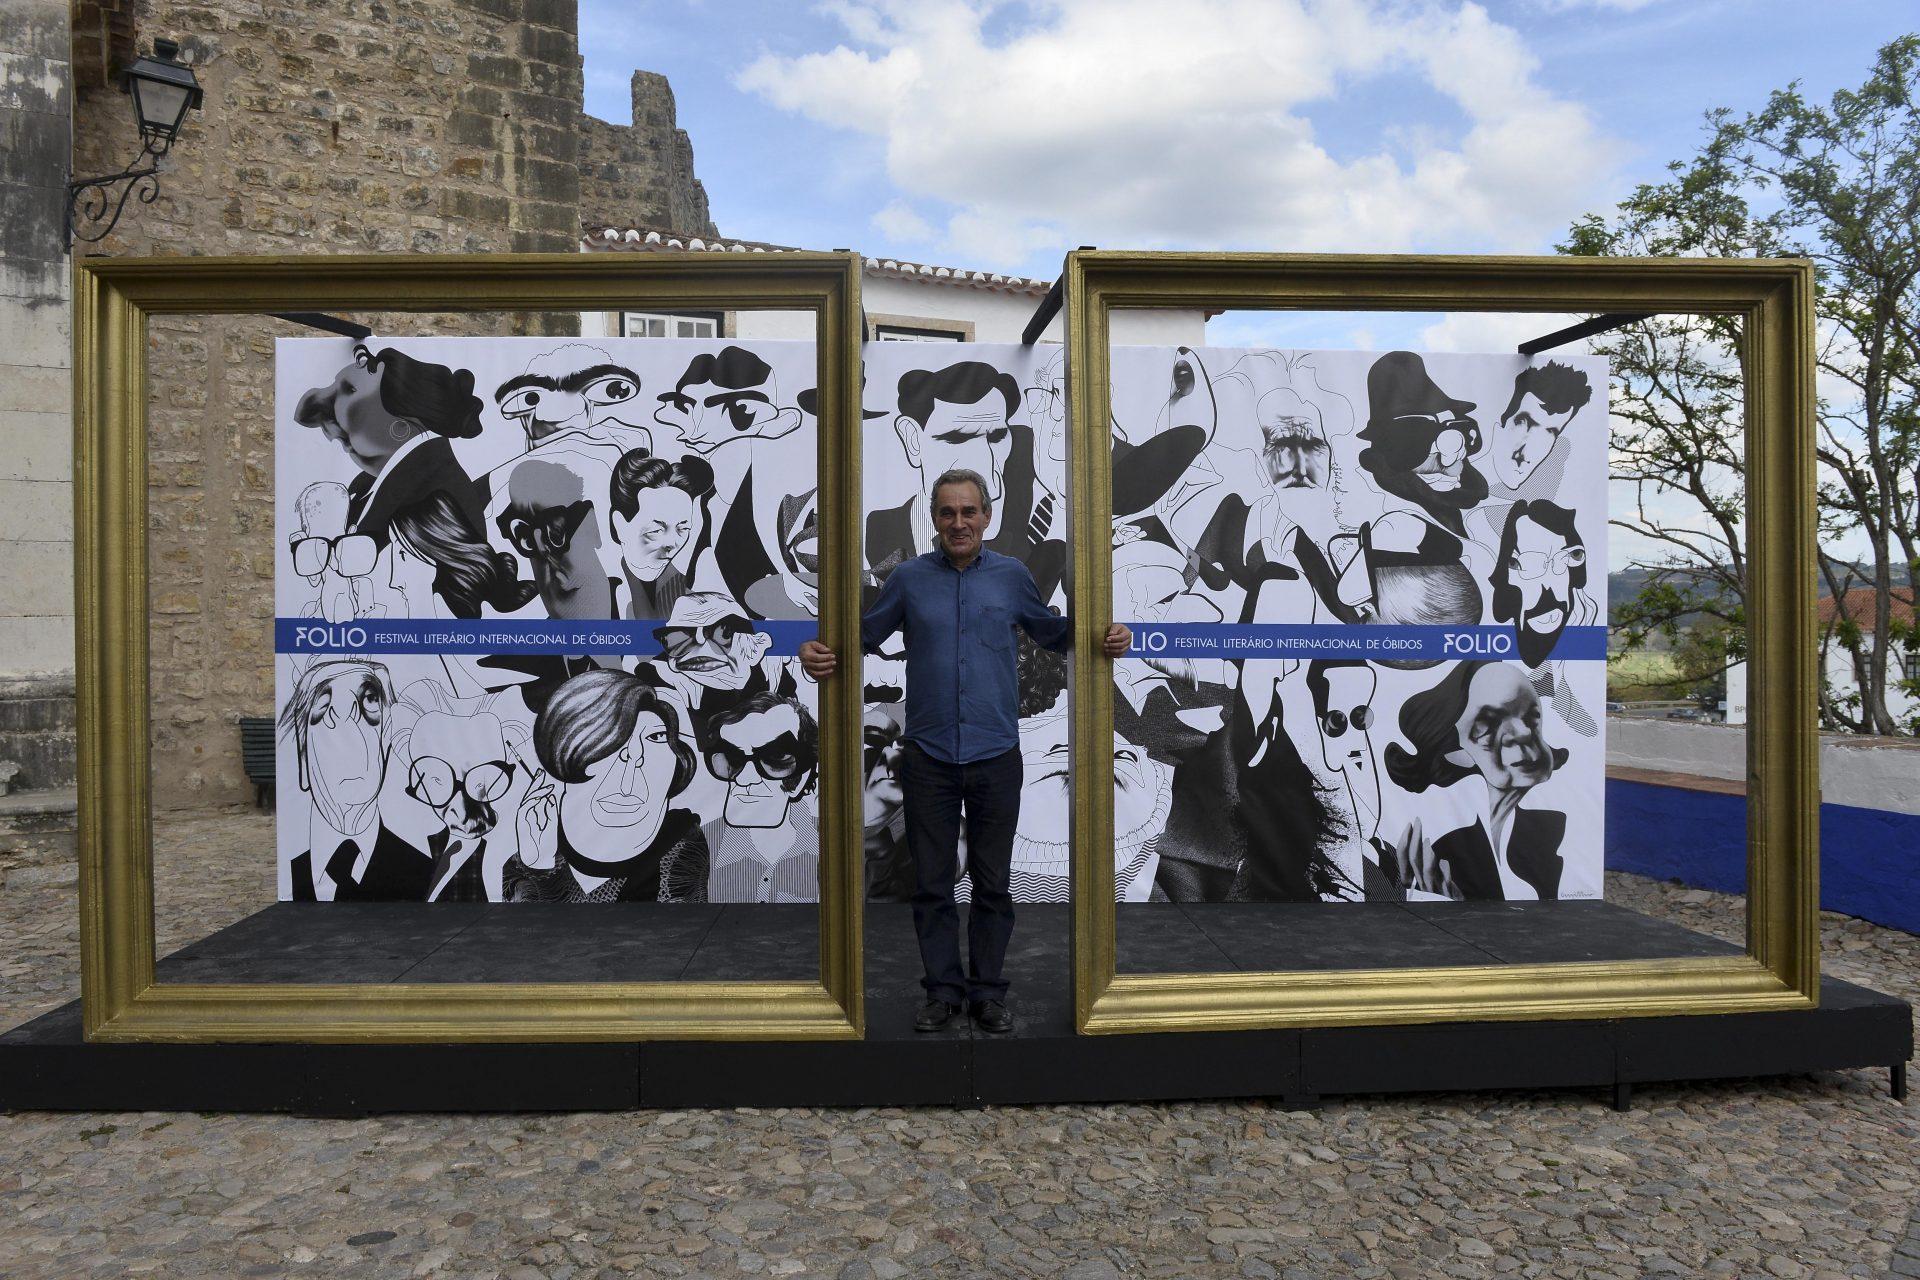 """Ministro da Cultura """"deslumbrado"""" com a programação do festival Fólio em Óbidos"""